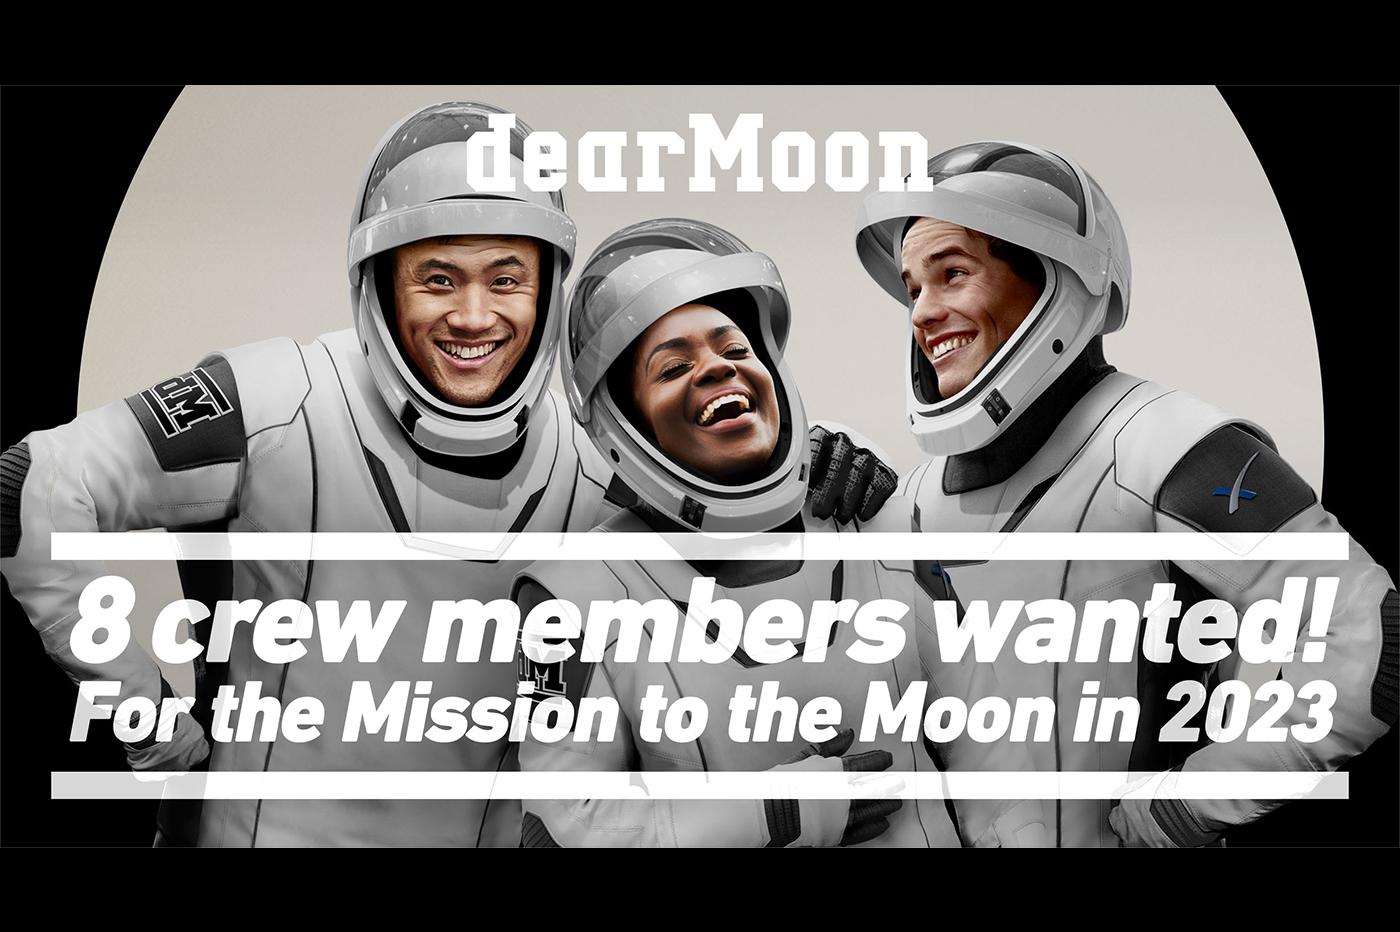 Yusaku Maezawale milliardaire japonais invite 8 personnes à aller sur la lune